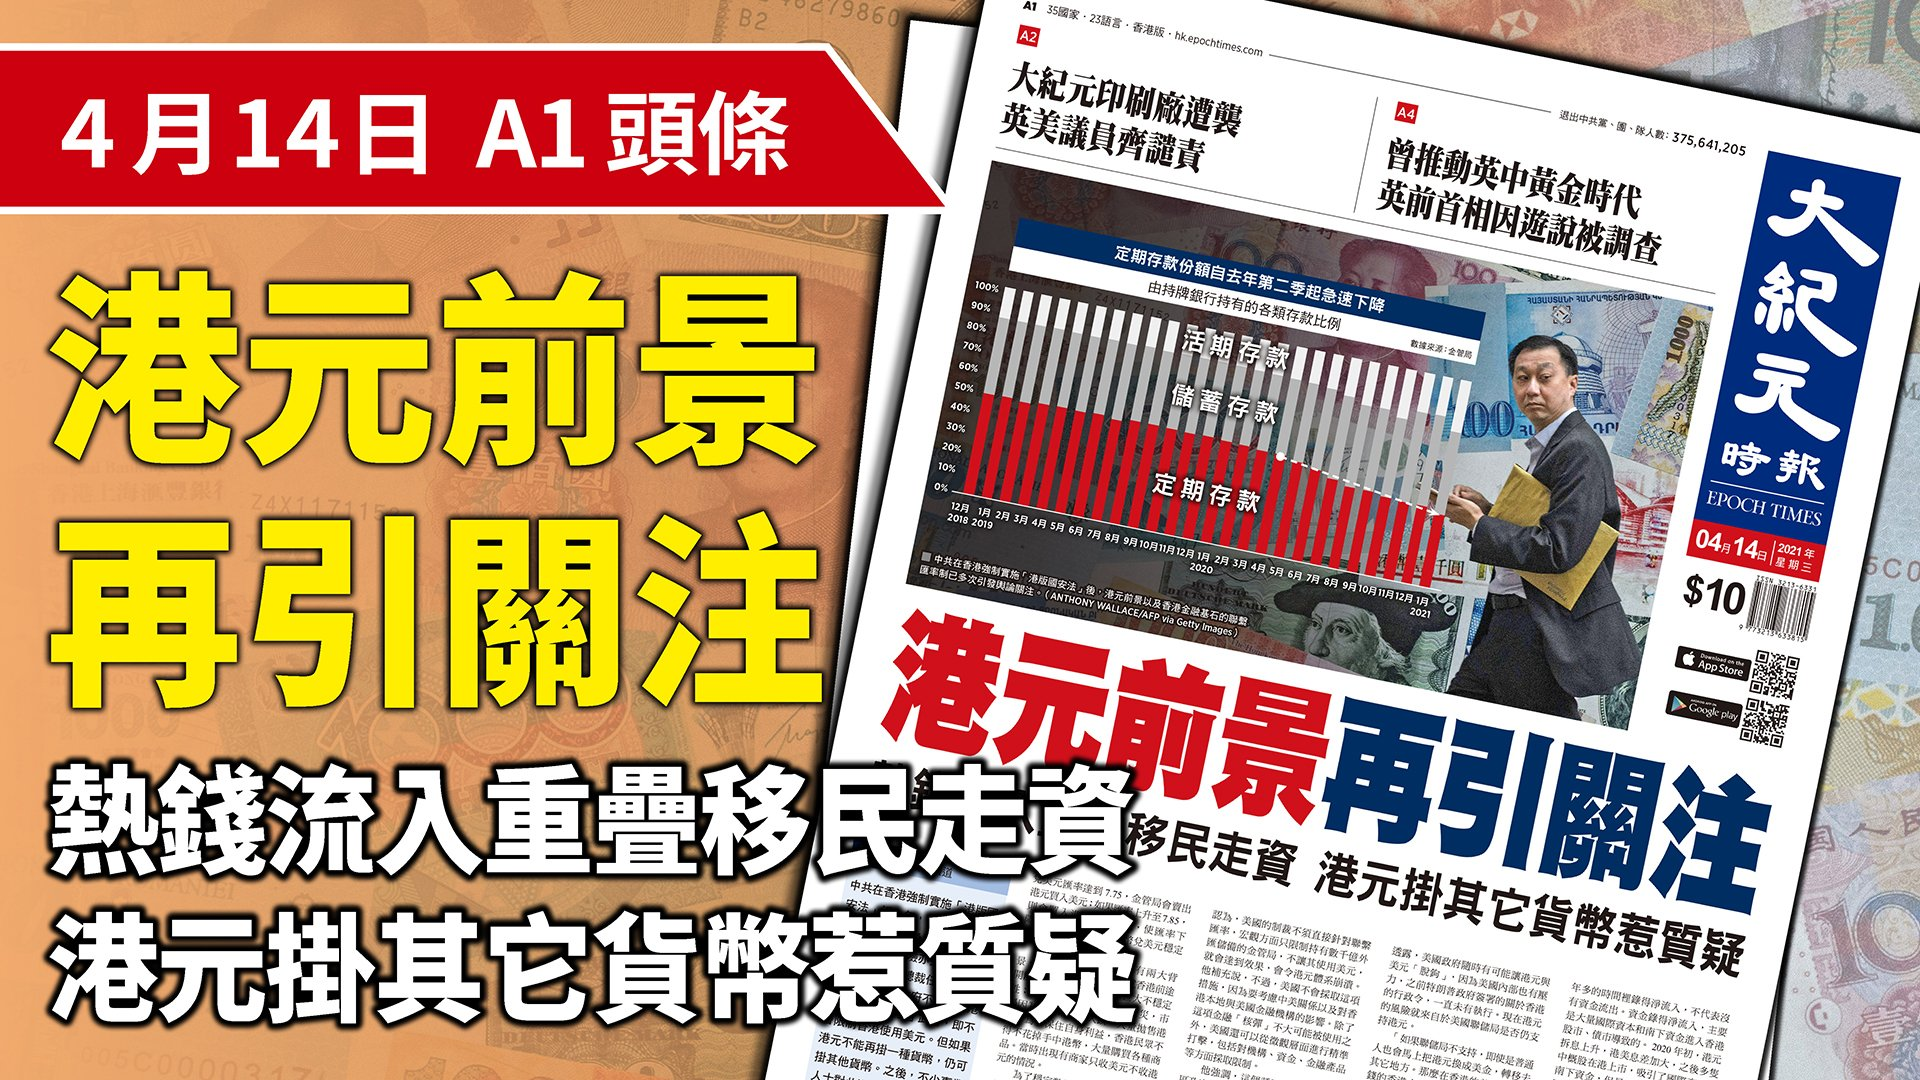 中共在香港強制實施「港版國安法」後,港元前景以及香港金融基石的聯繫匯率制已多次引發輿論關注。(大紀元製圖)